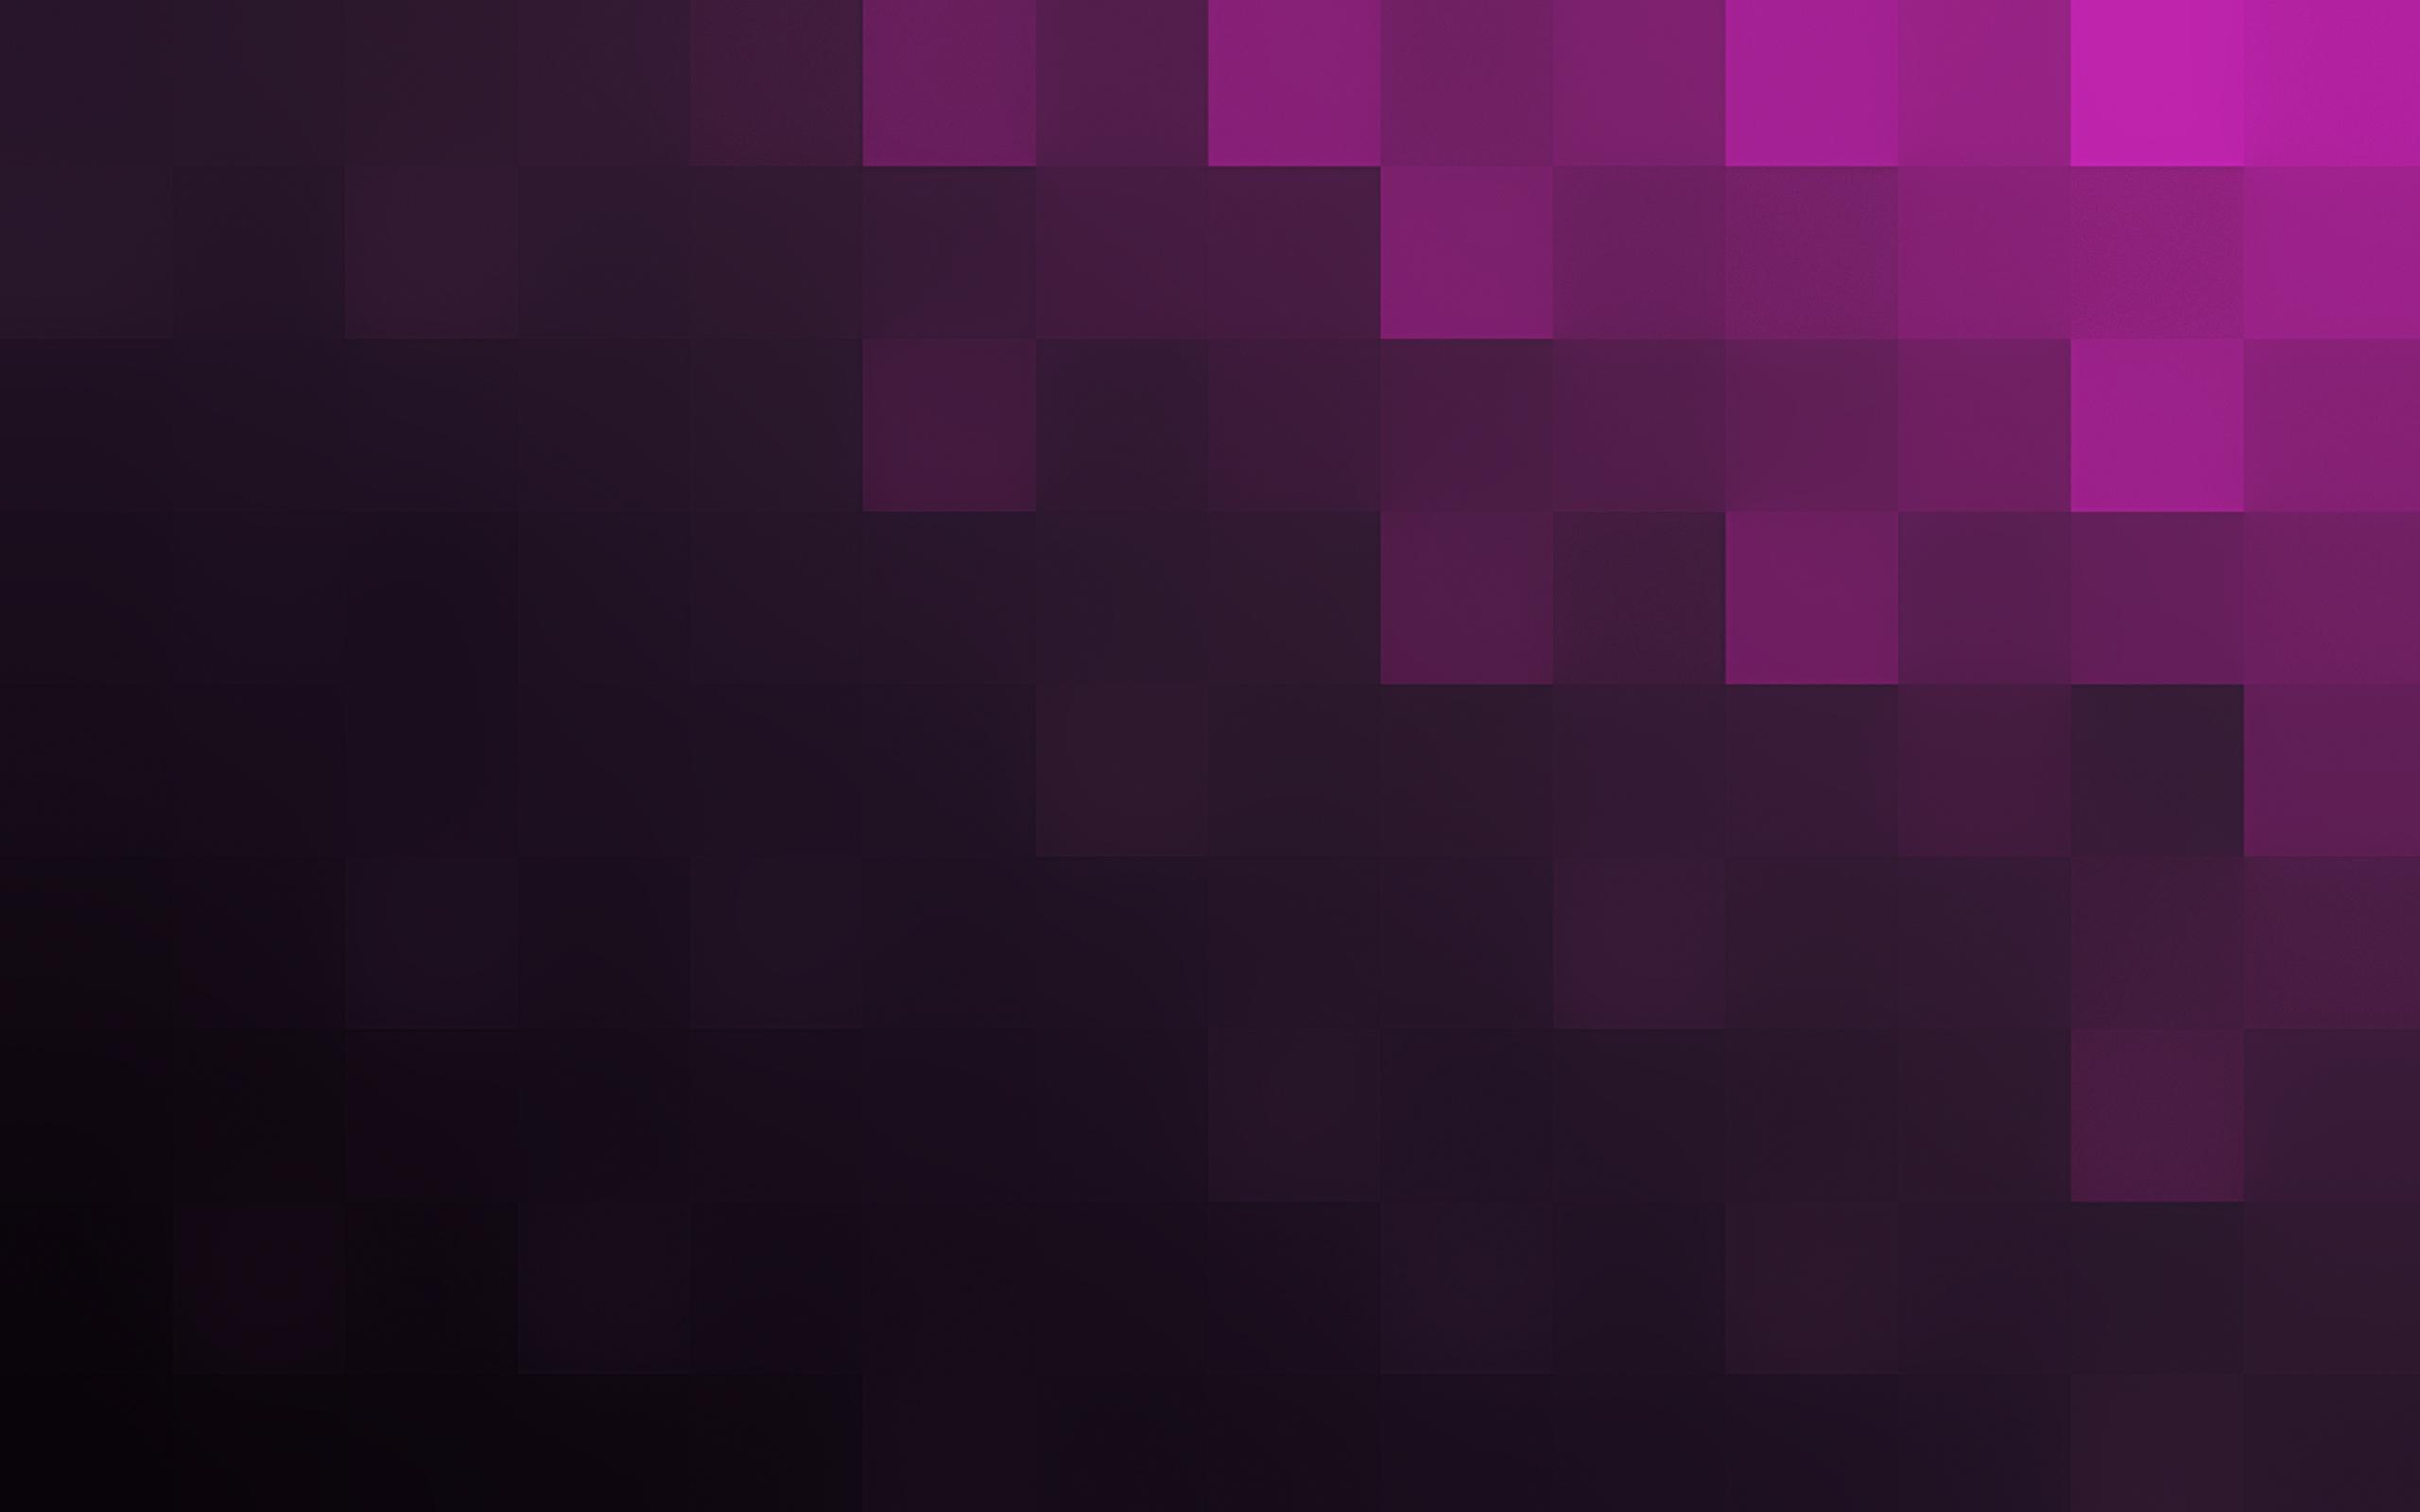 gradient by nucu